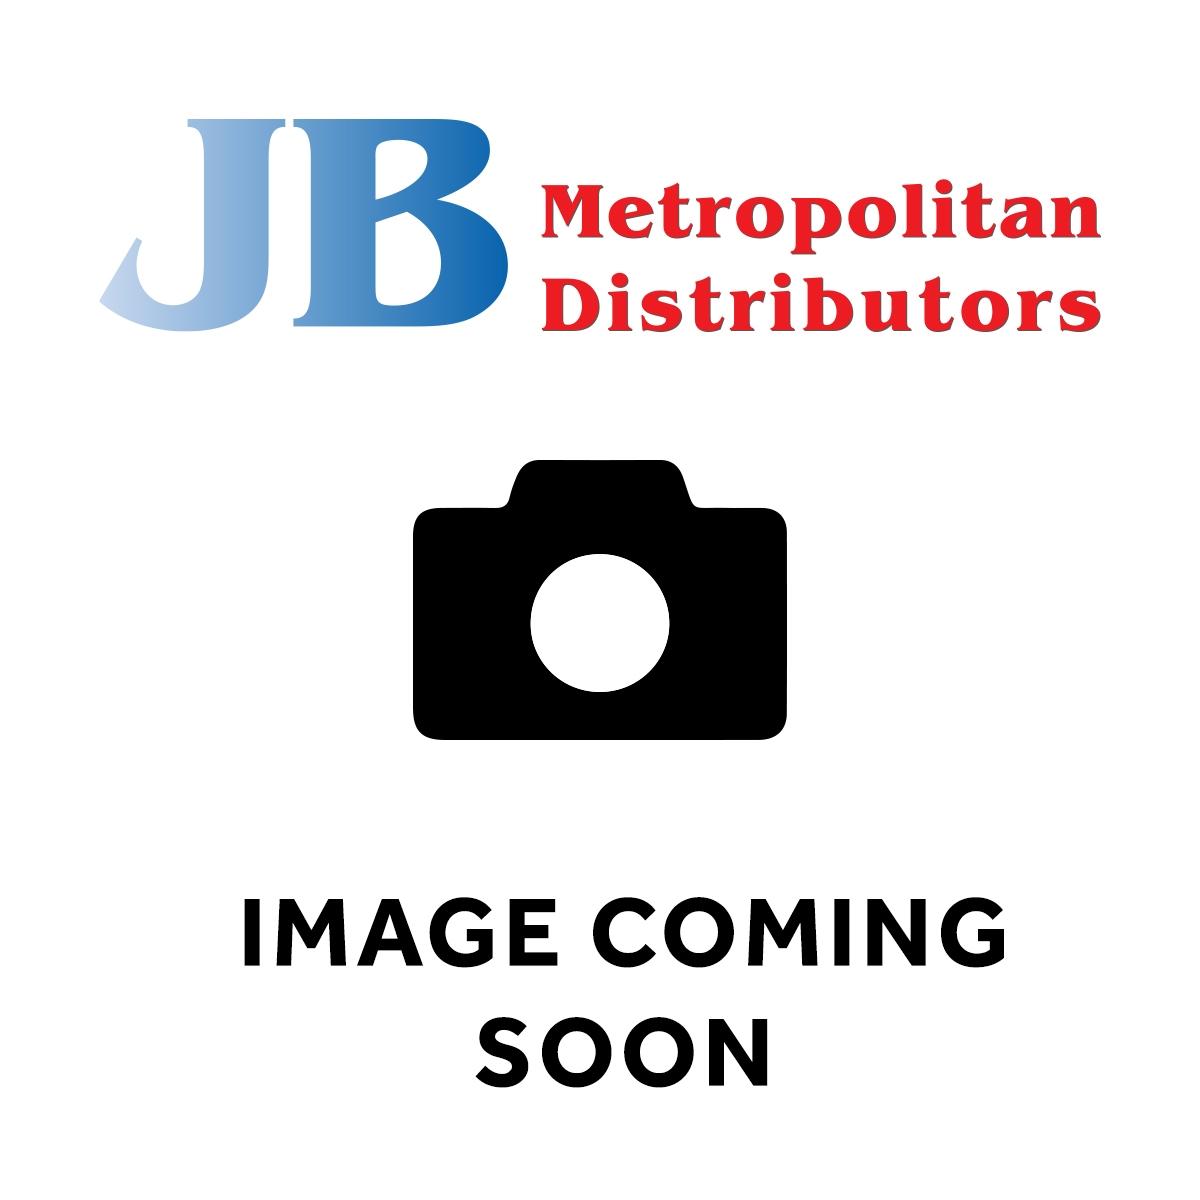 75G LOCAL LEGENDS ORIGINAL SOFT BEEF JERKY